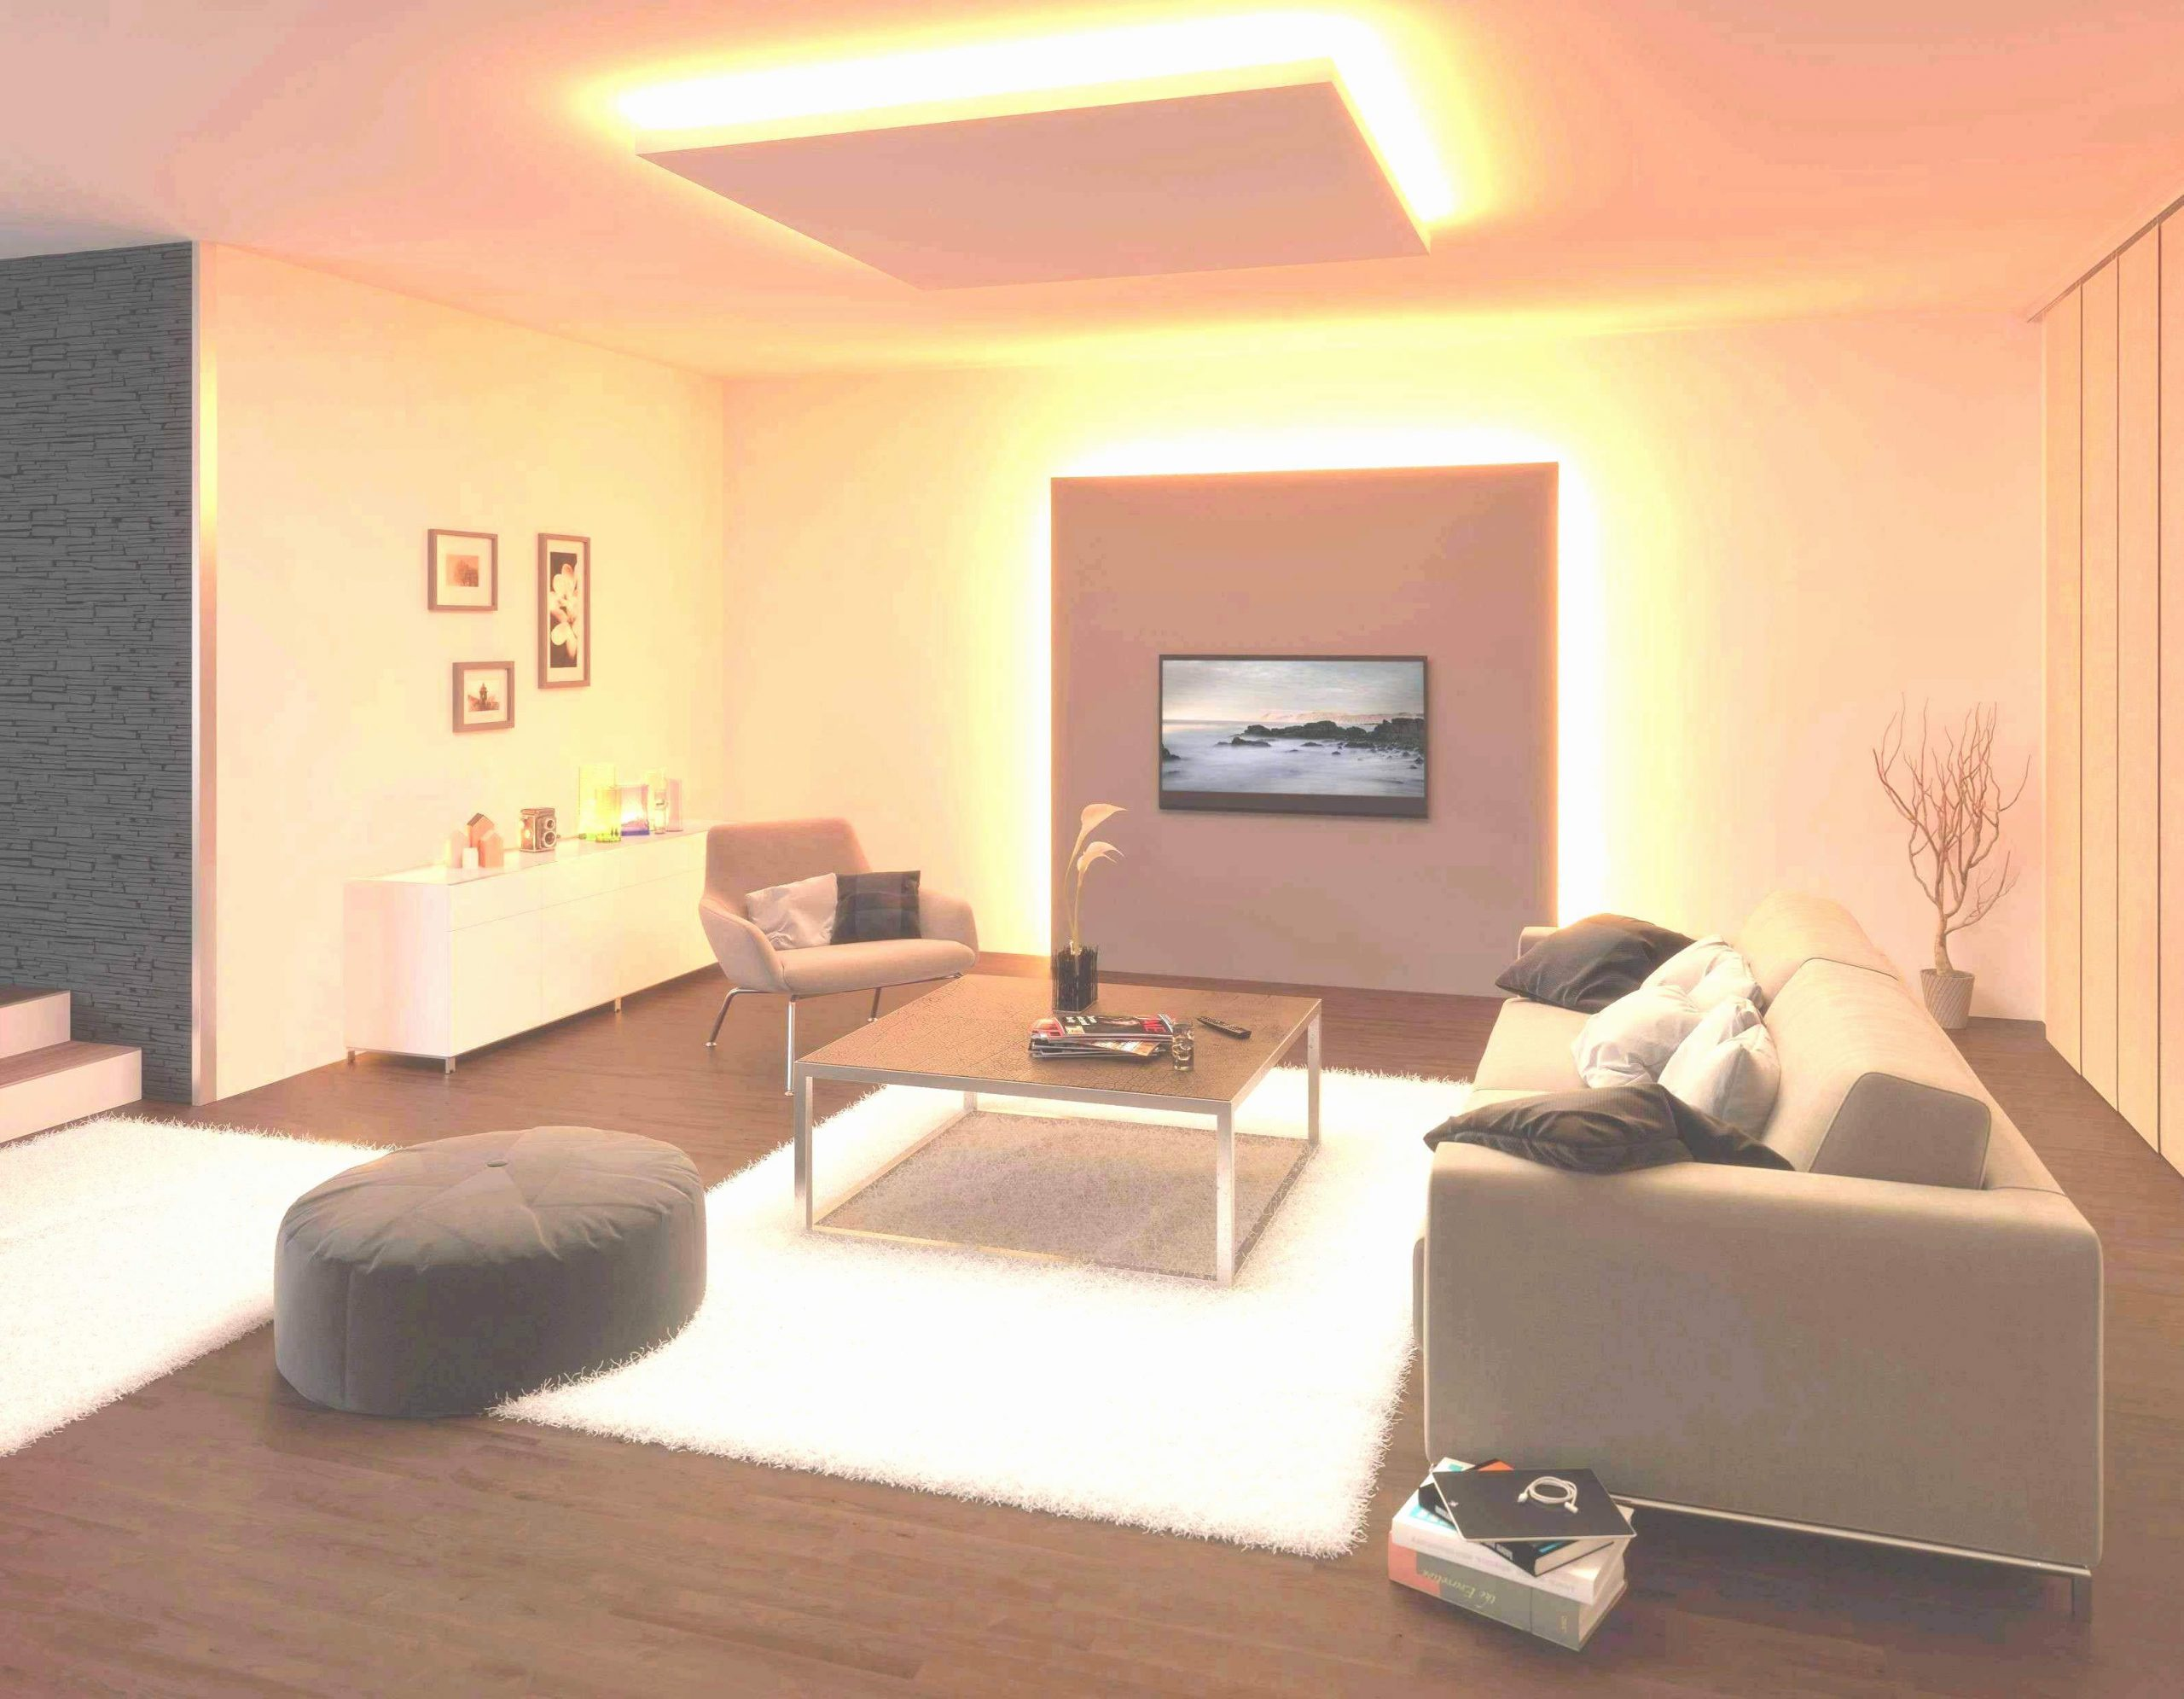 Full Size of Moderne Wohnzimmer Decken Wohnzimmer Decken Beispiel Wohnzimmer Decken Aus Rigips Wohnzimmer Decken Paneele Wohnzimmer Wohnzimmer Decken